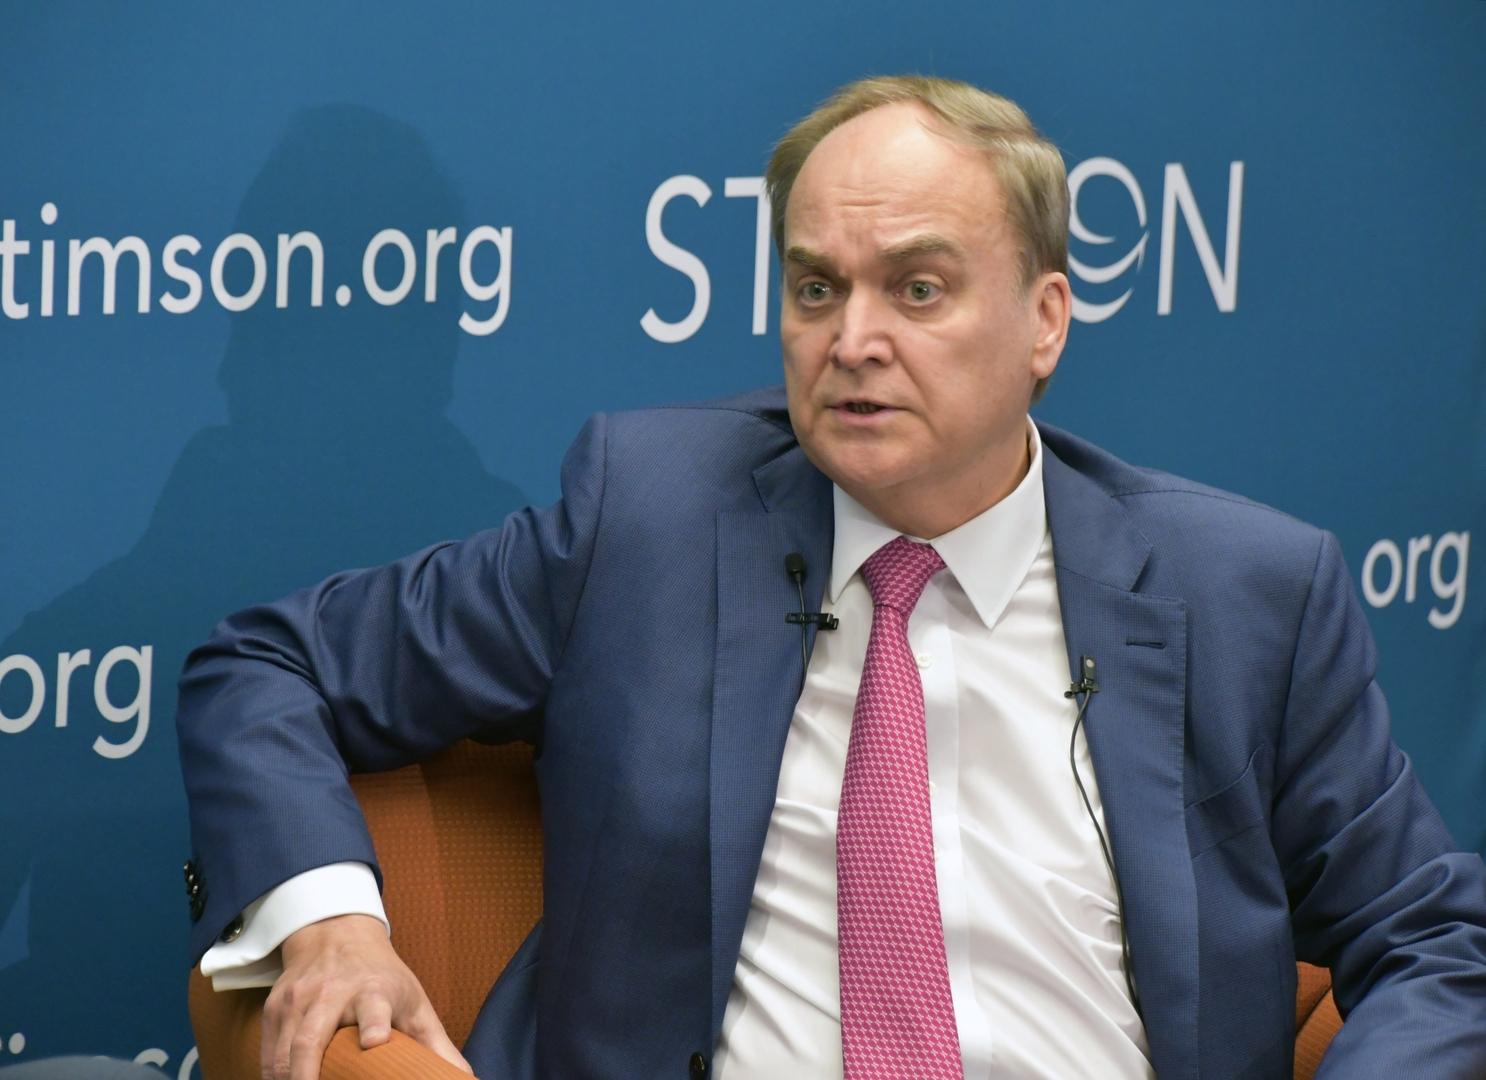 موسكو: نأمل باستجابة واشنطن لمبادرتنا بشأن عدم جواز نشوب حرب نووية